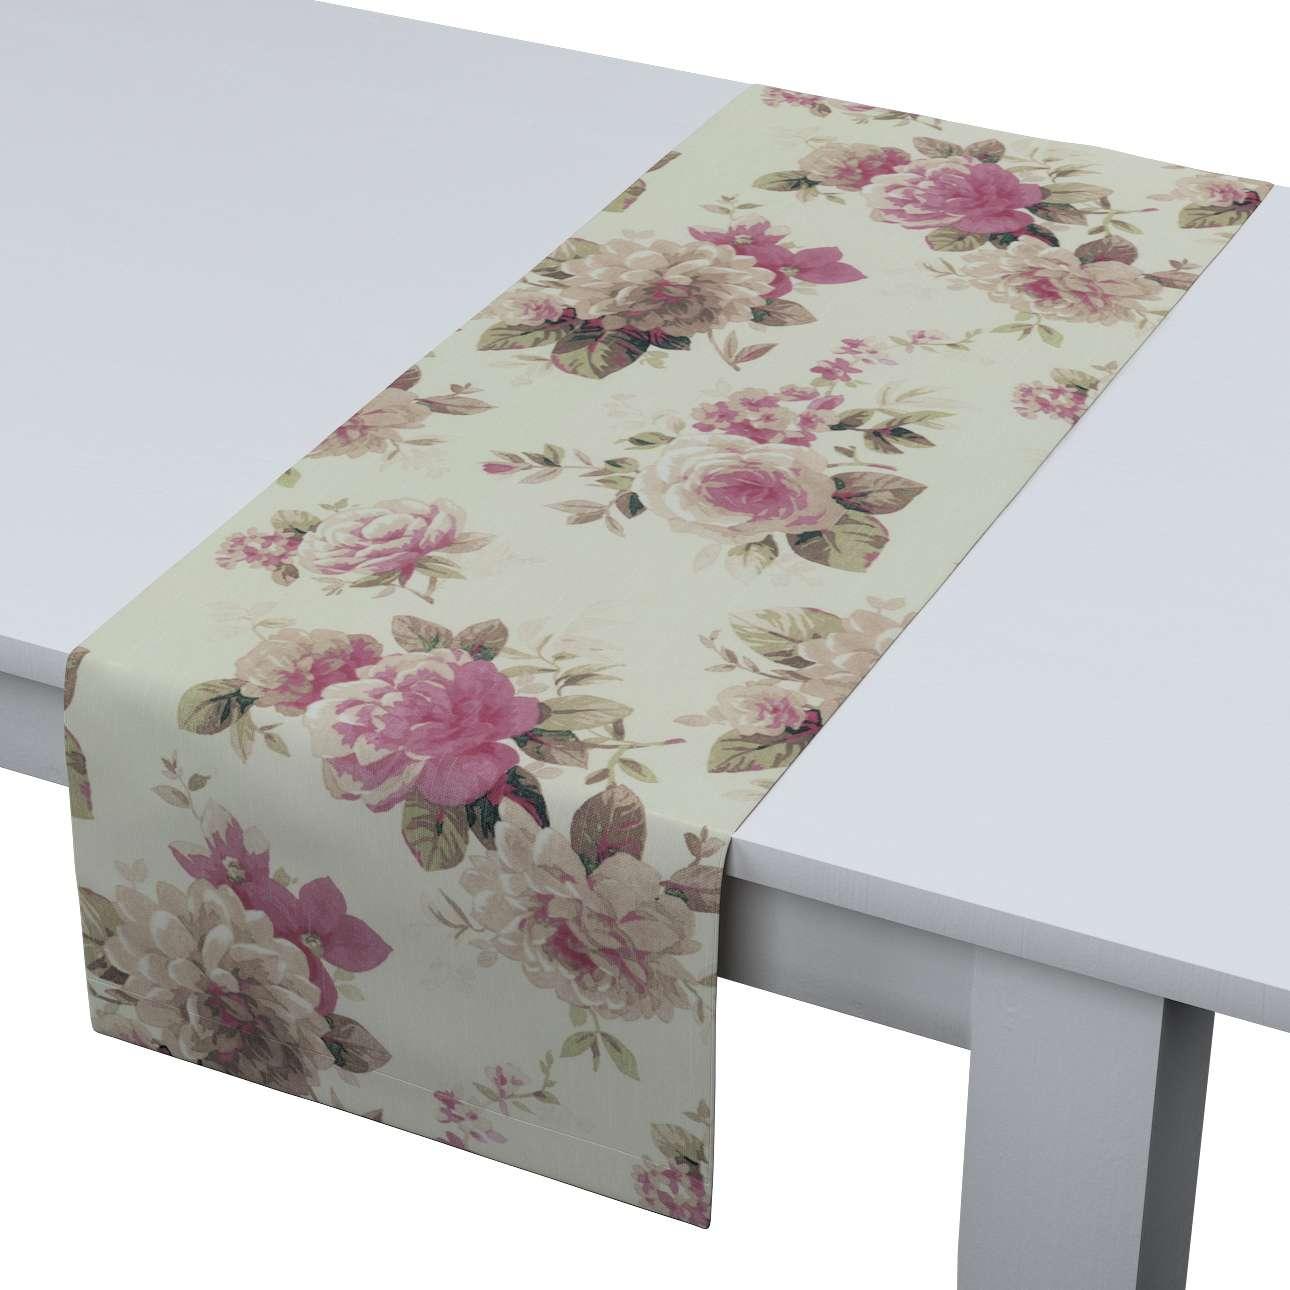 Bieżnik prostokątny 40x130 cm w kolekcji Mirella, tkanina: 141-07